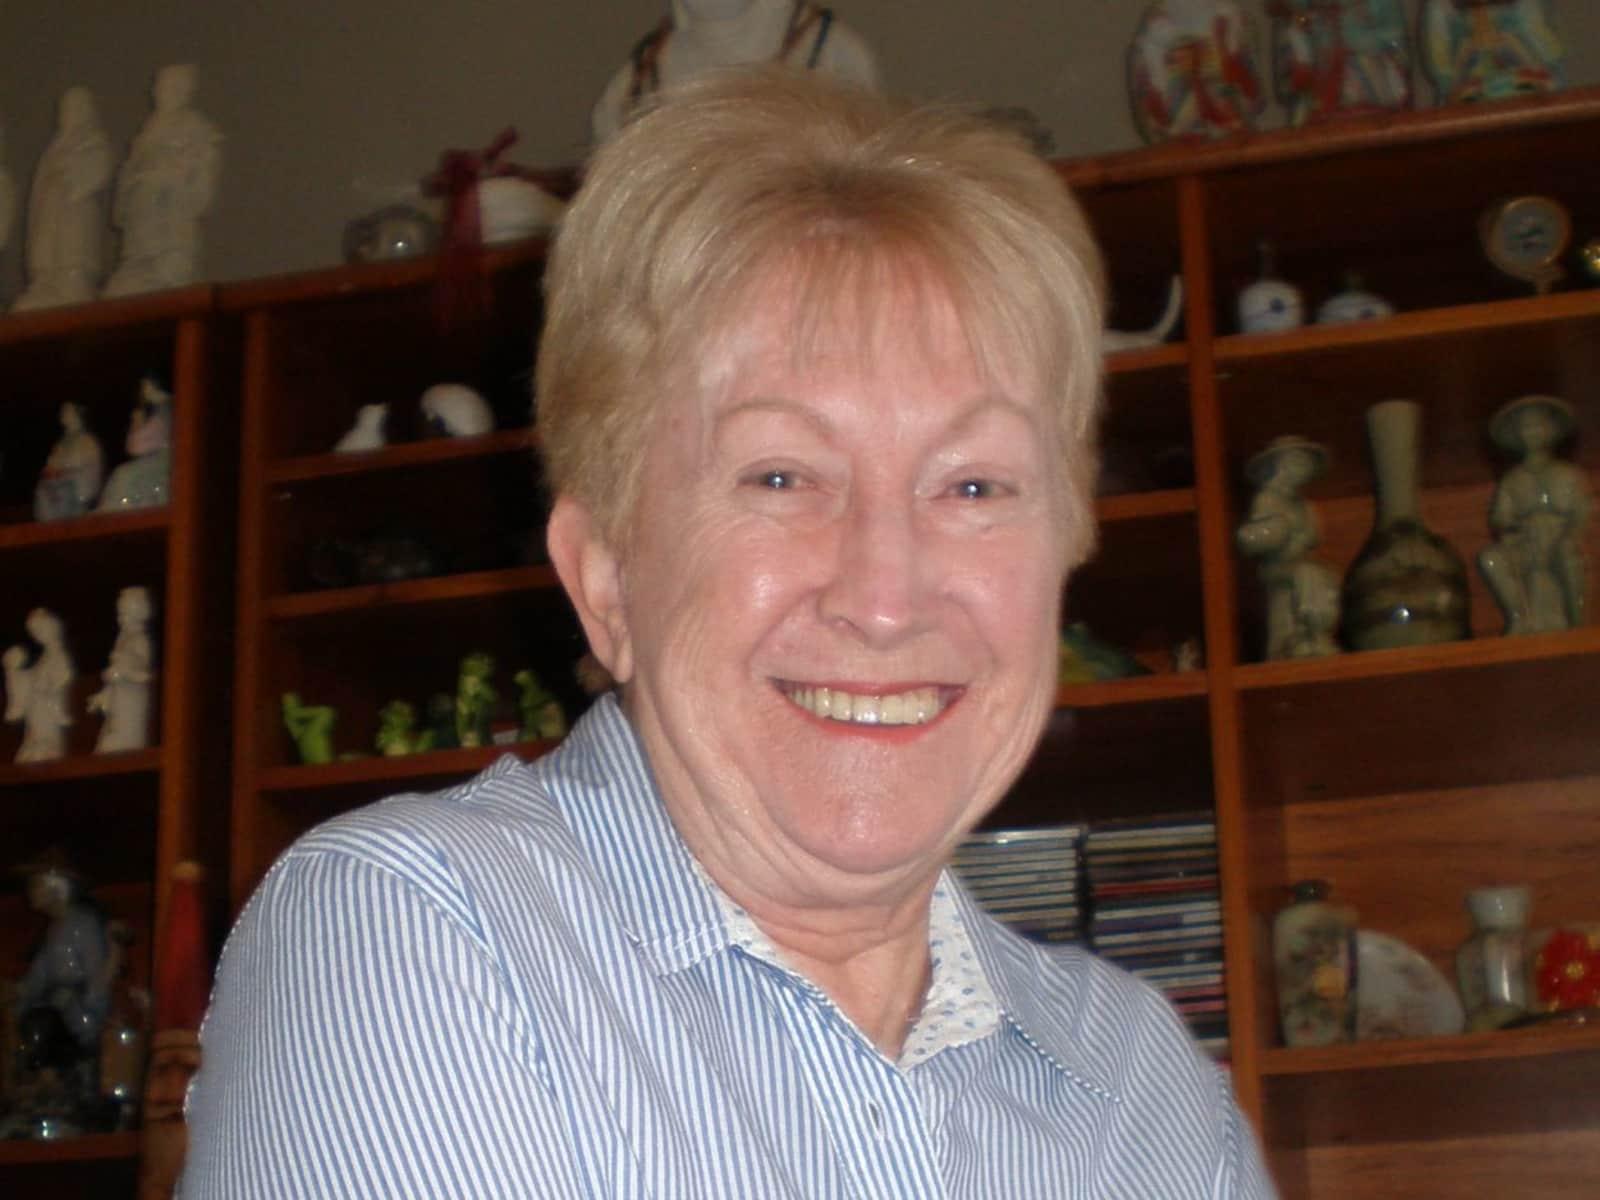 Alice from Melbourne, Victoria, Australia